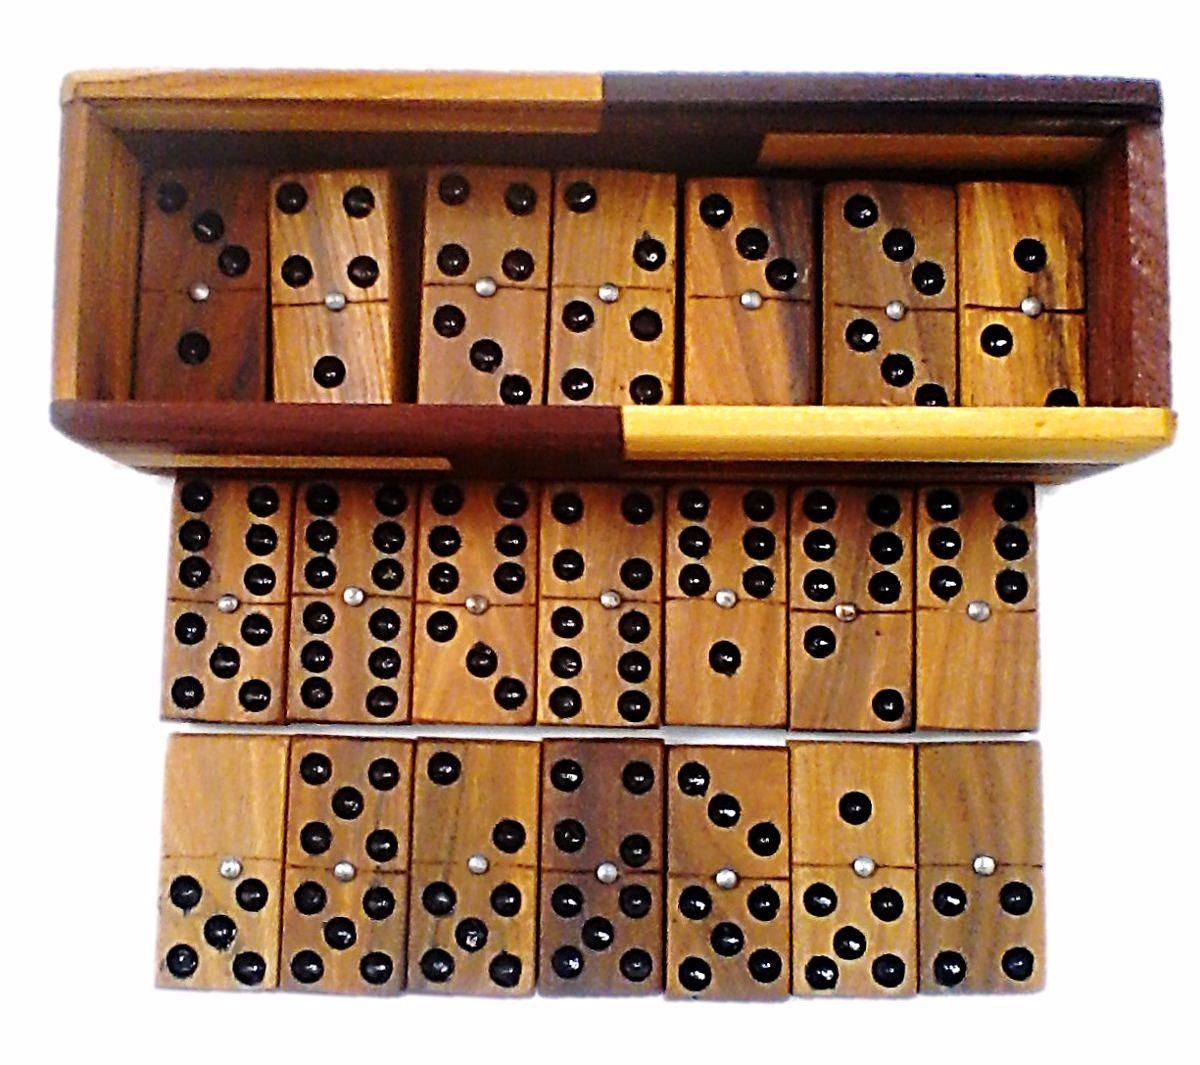 Domino De Madera Juegos De Mesa Cajas Artesanal Tradicional Bs 8